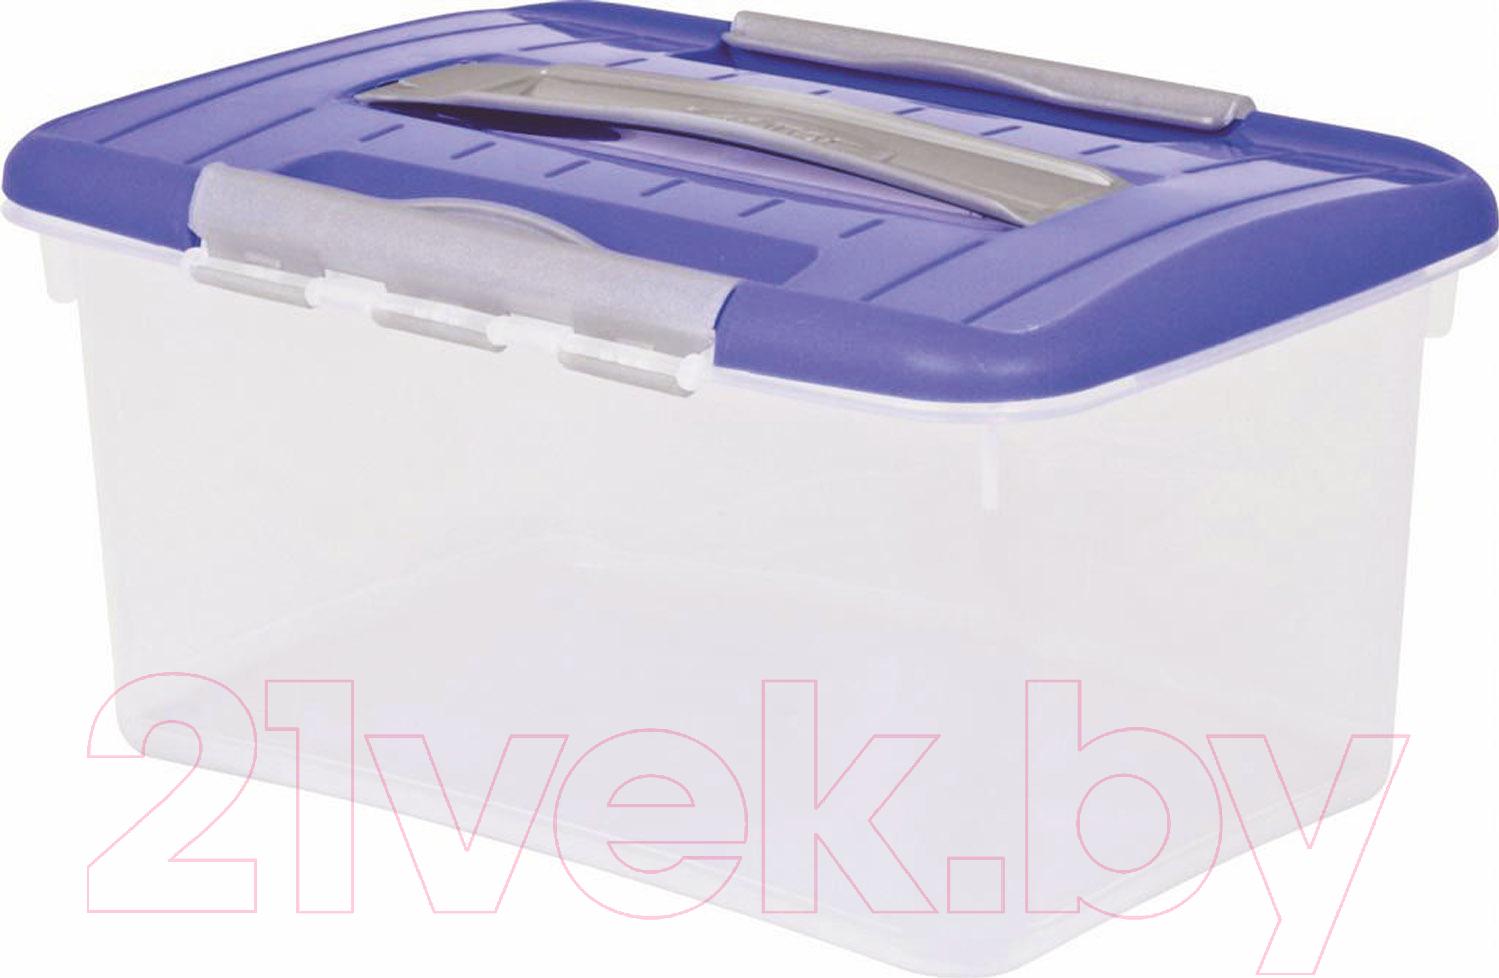 Купить Контейнер для хранения Curver, Optima 00031-376-00 / 169054 (5л), Польша, пластик